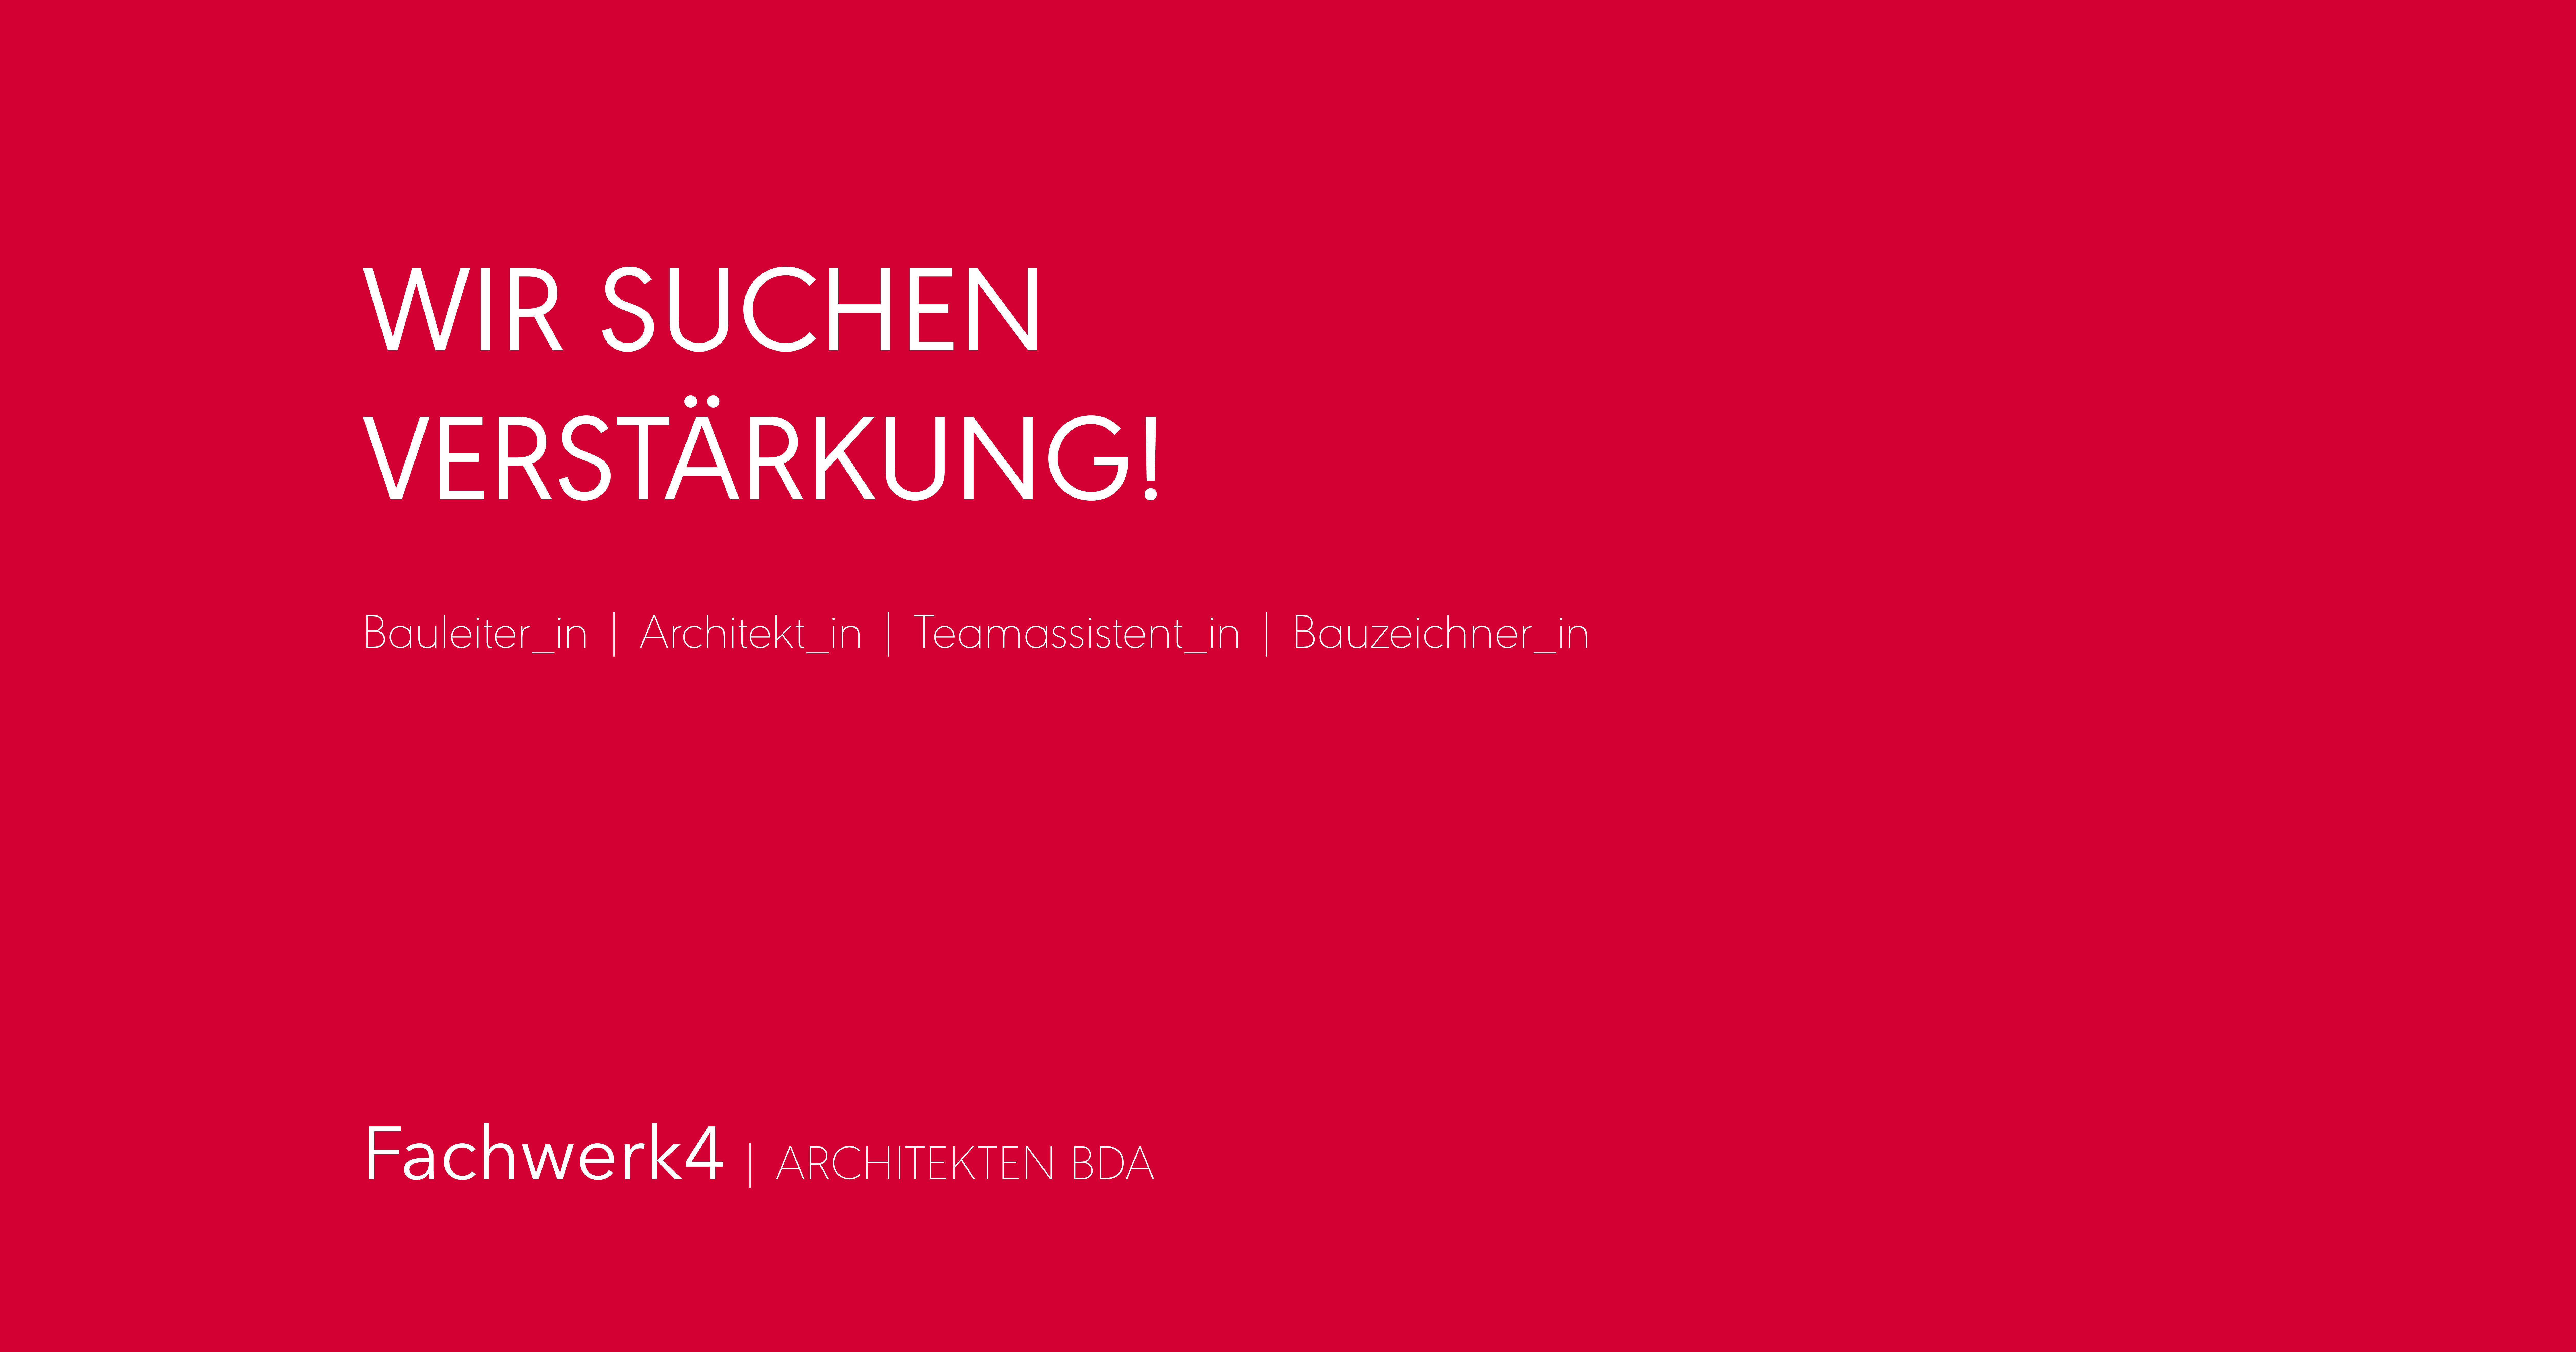 Wunderbar Architekt Suchen Ideen Von Stellenangebot: Bauleiter_in (anstellung In Vollzeit Oder In